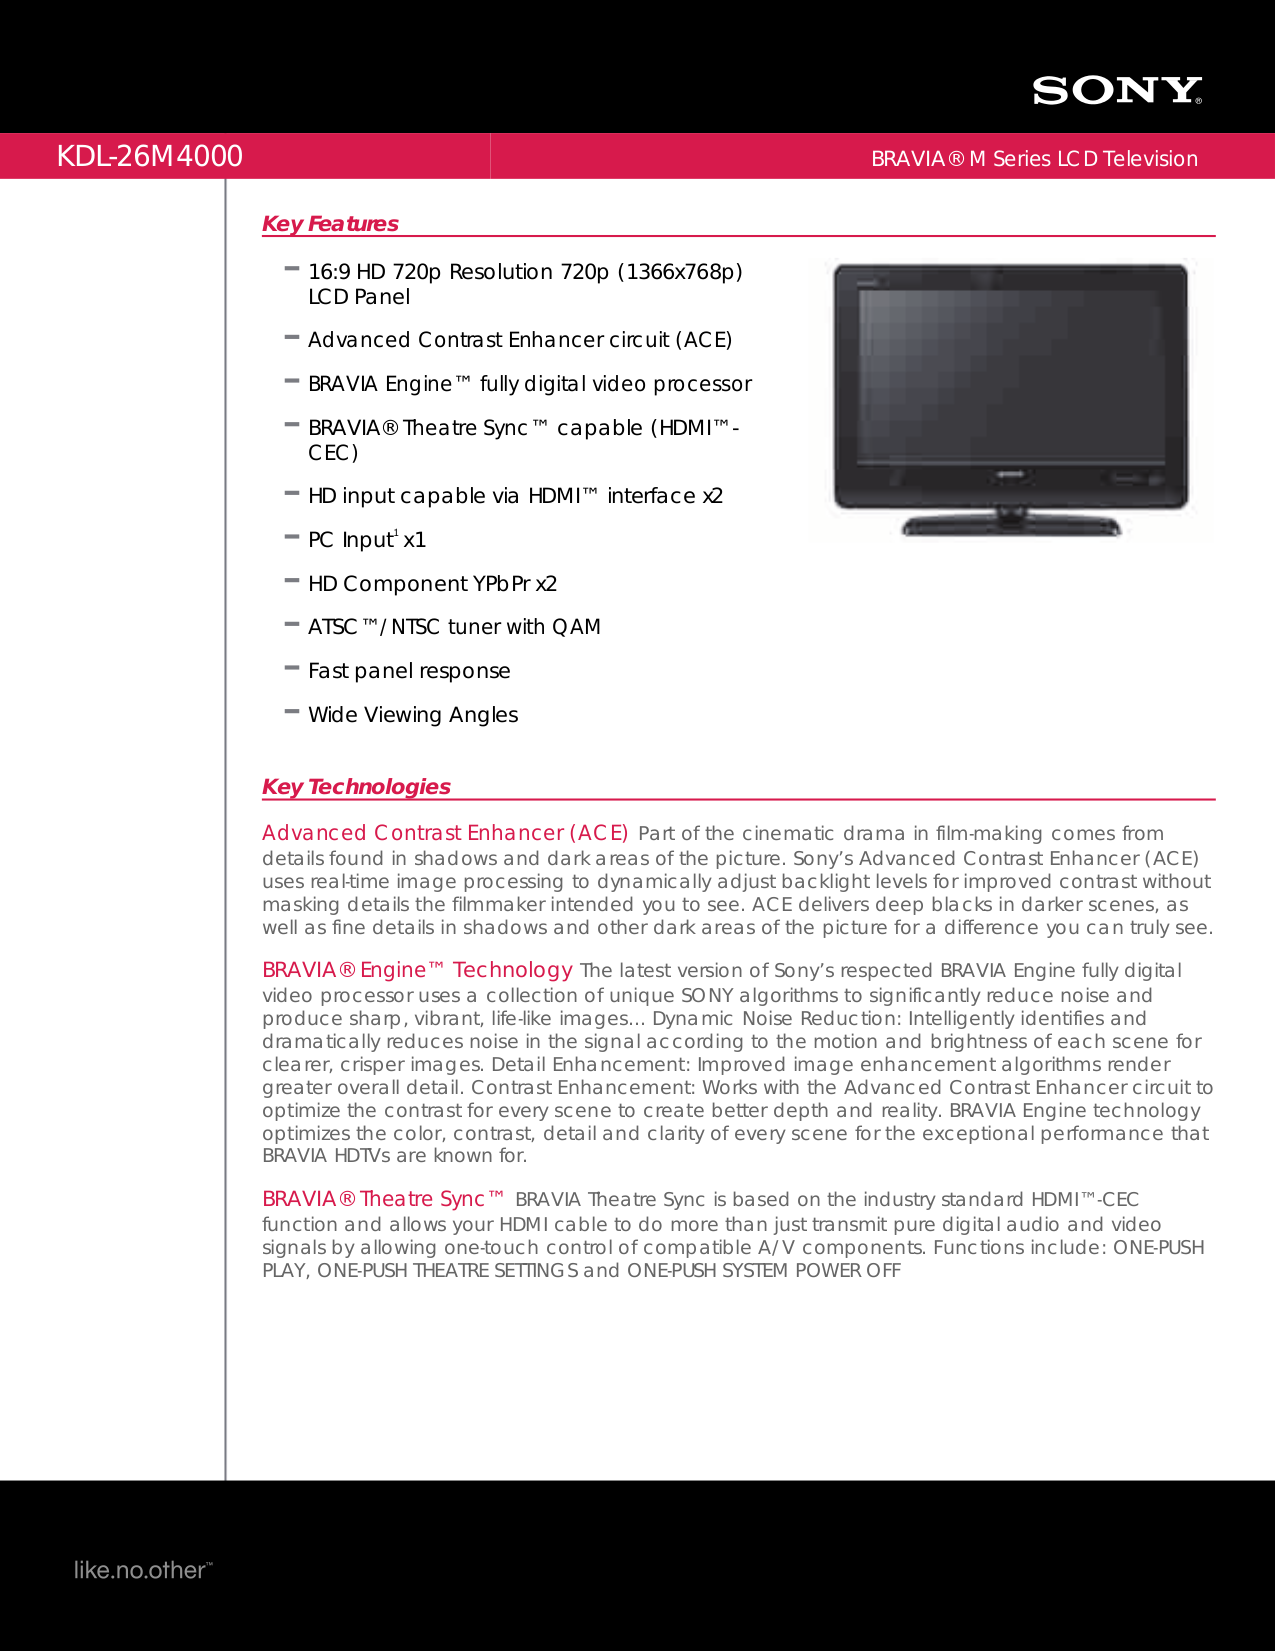 sony bravia kdl 46ex500 manual pdf